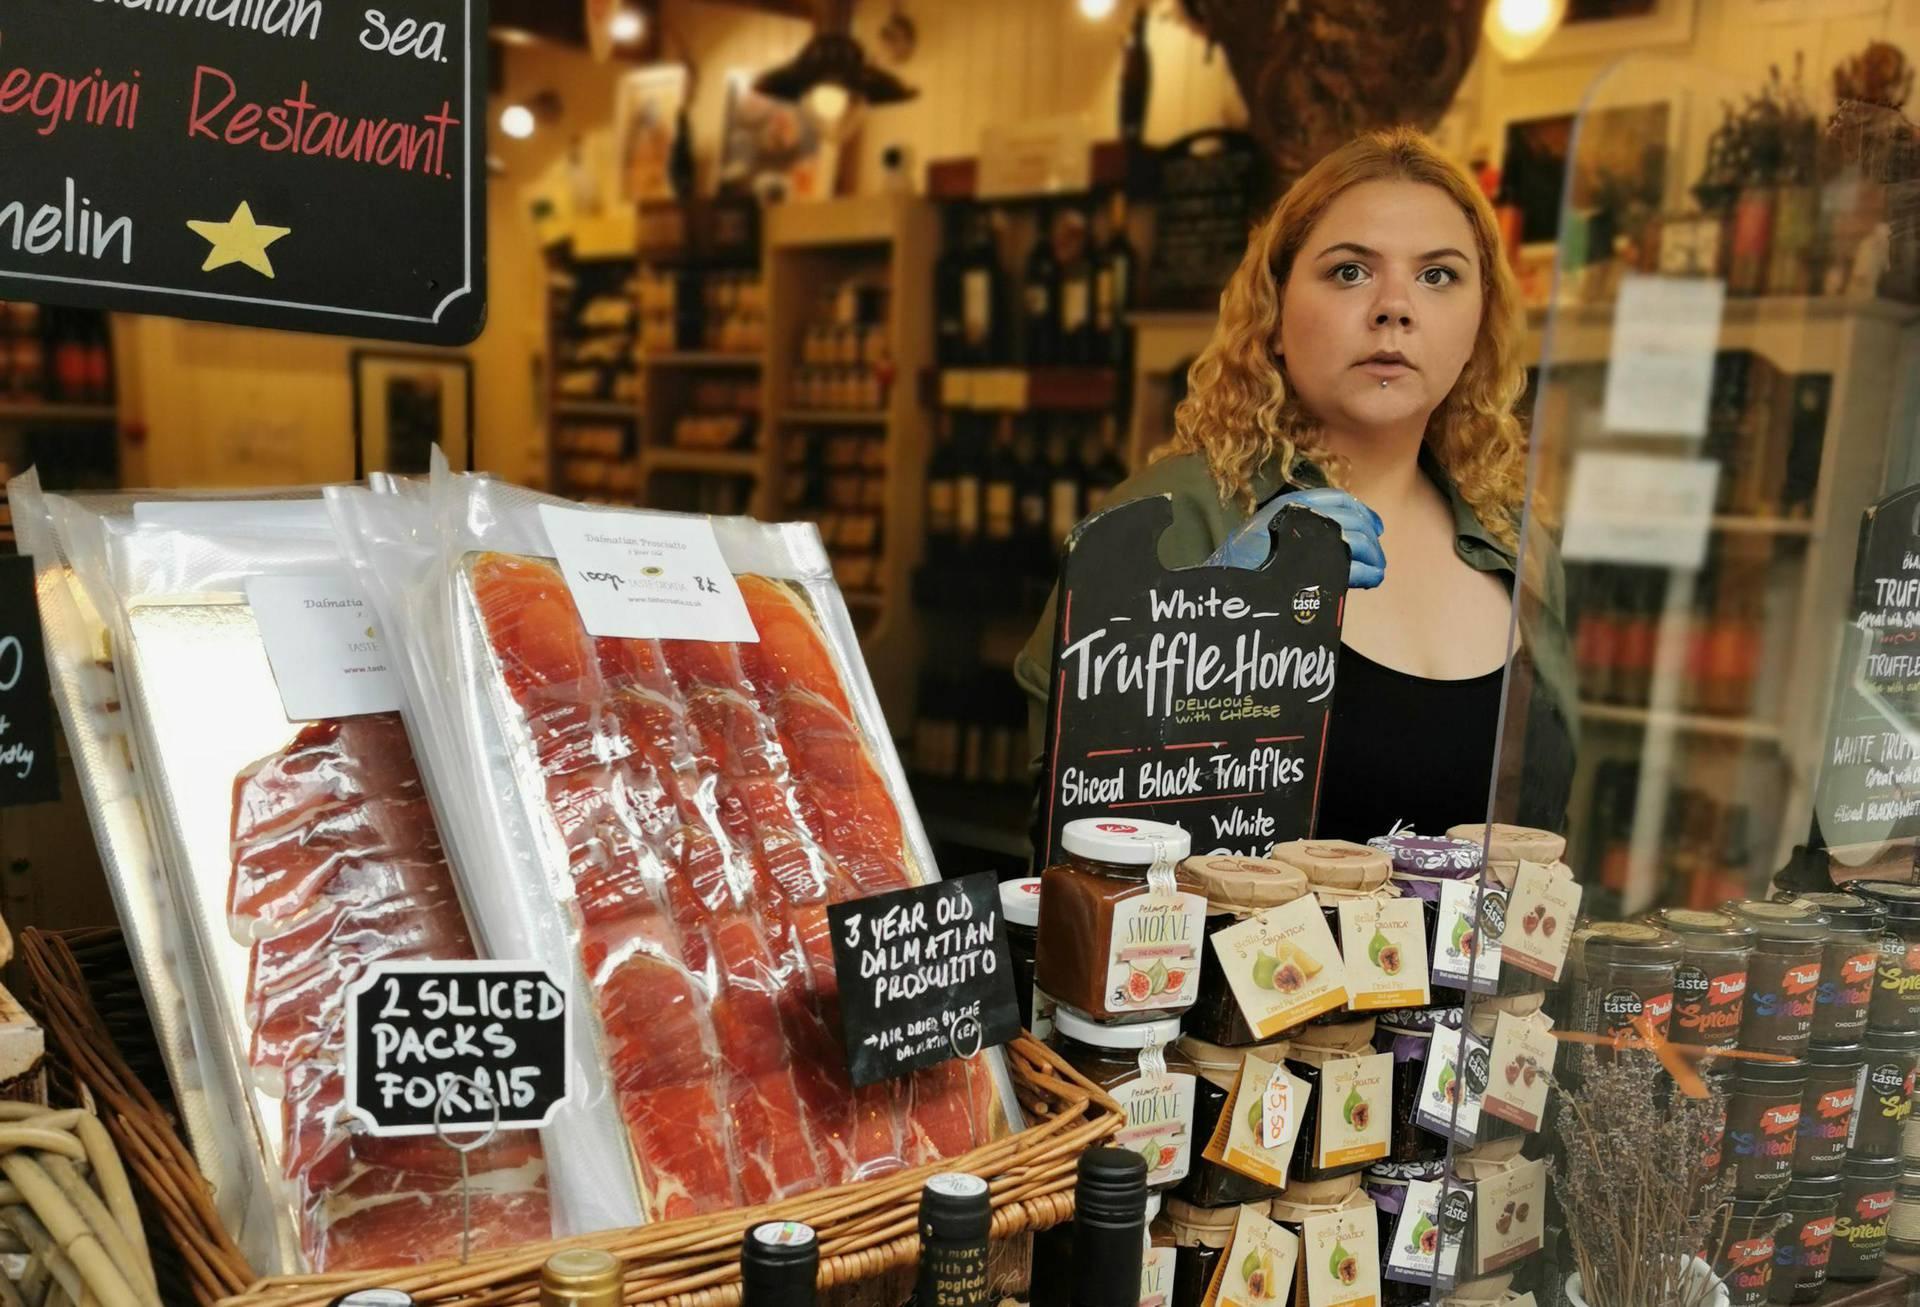 London: Britanci poludjeli za našom hranom, guše se u siru, pršutu... Dingač - rasprodan!